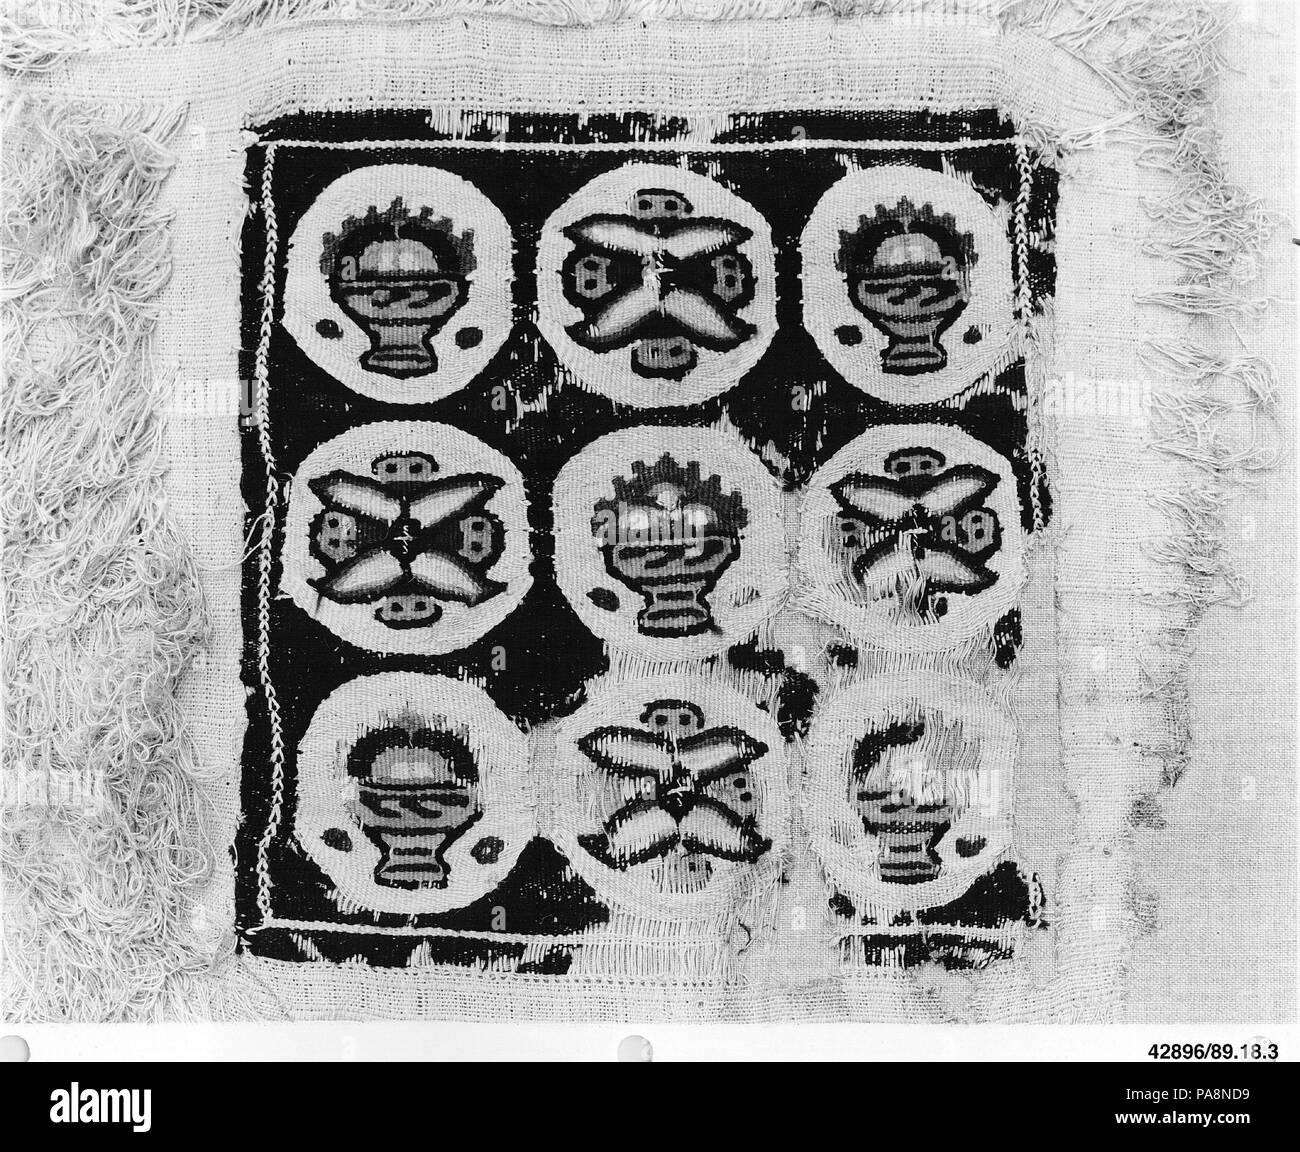 Fragment. Dimensions: Textile: 18 7/8 x 16 3/4 in. (48 x 42,6 cm): montage de stockage 25 x 24 1/2 in. (63,5 x 62,2 cm). Date: 4ème-5ème siècle. Musée: Metropolitan Museum of Art, New York, USA. Banque D'Images